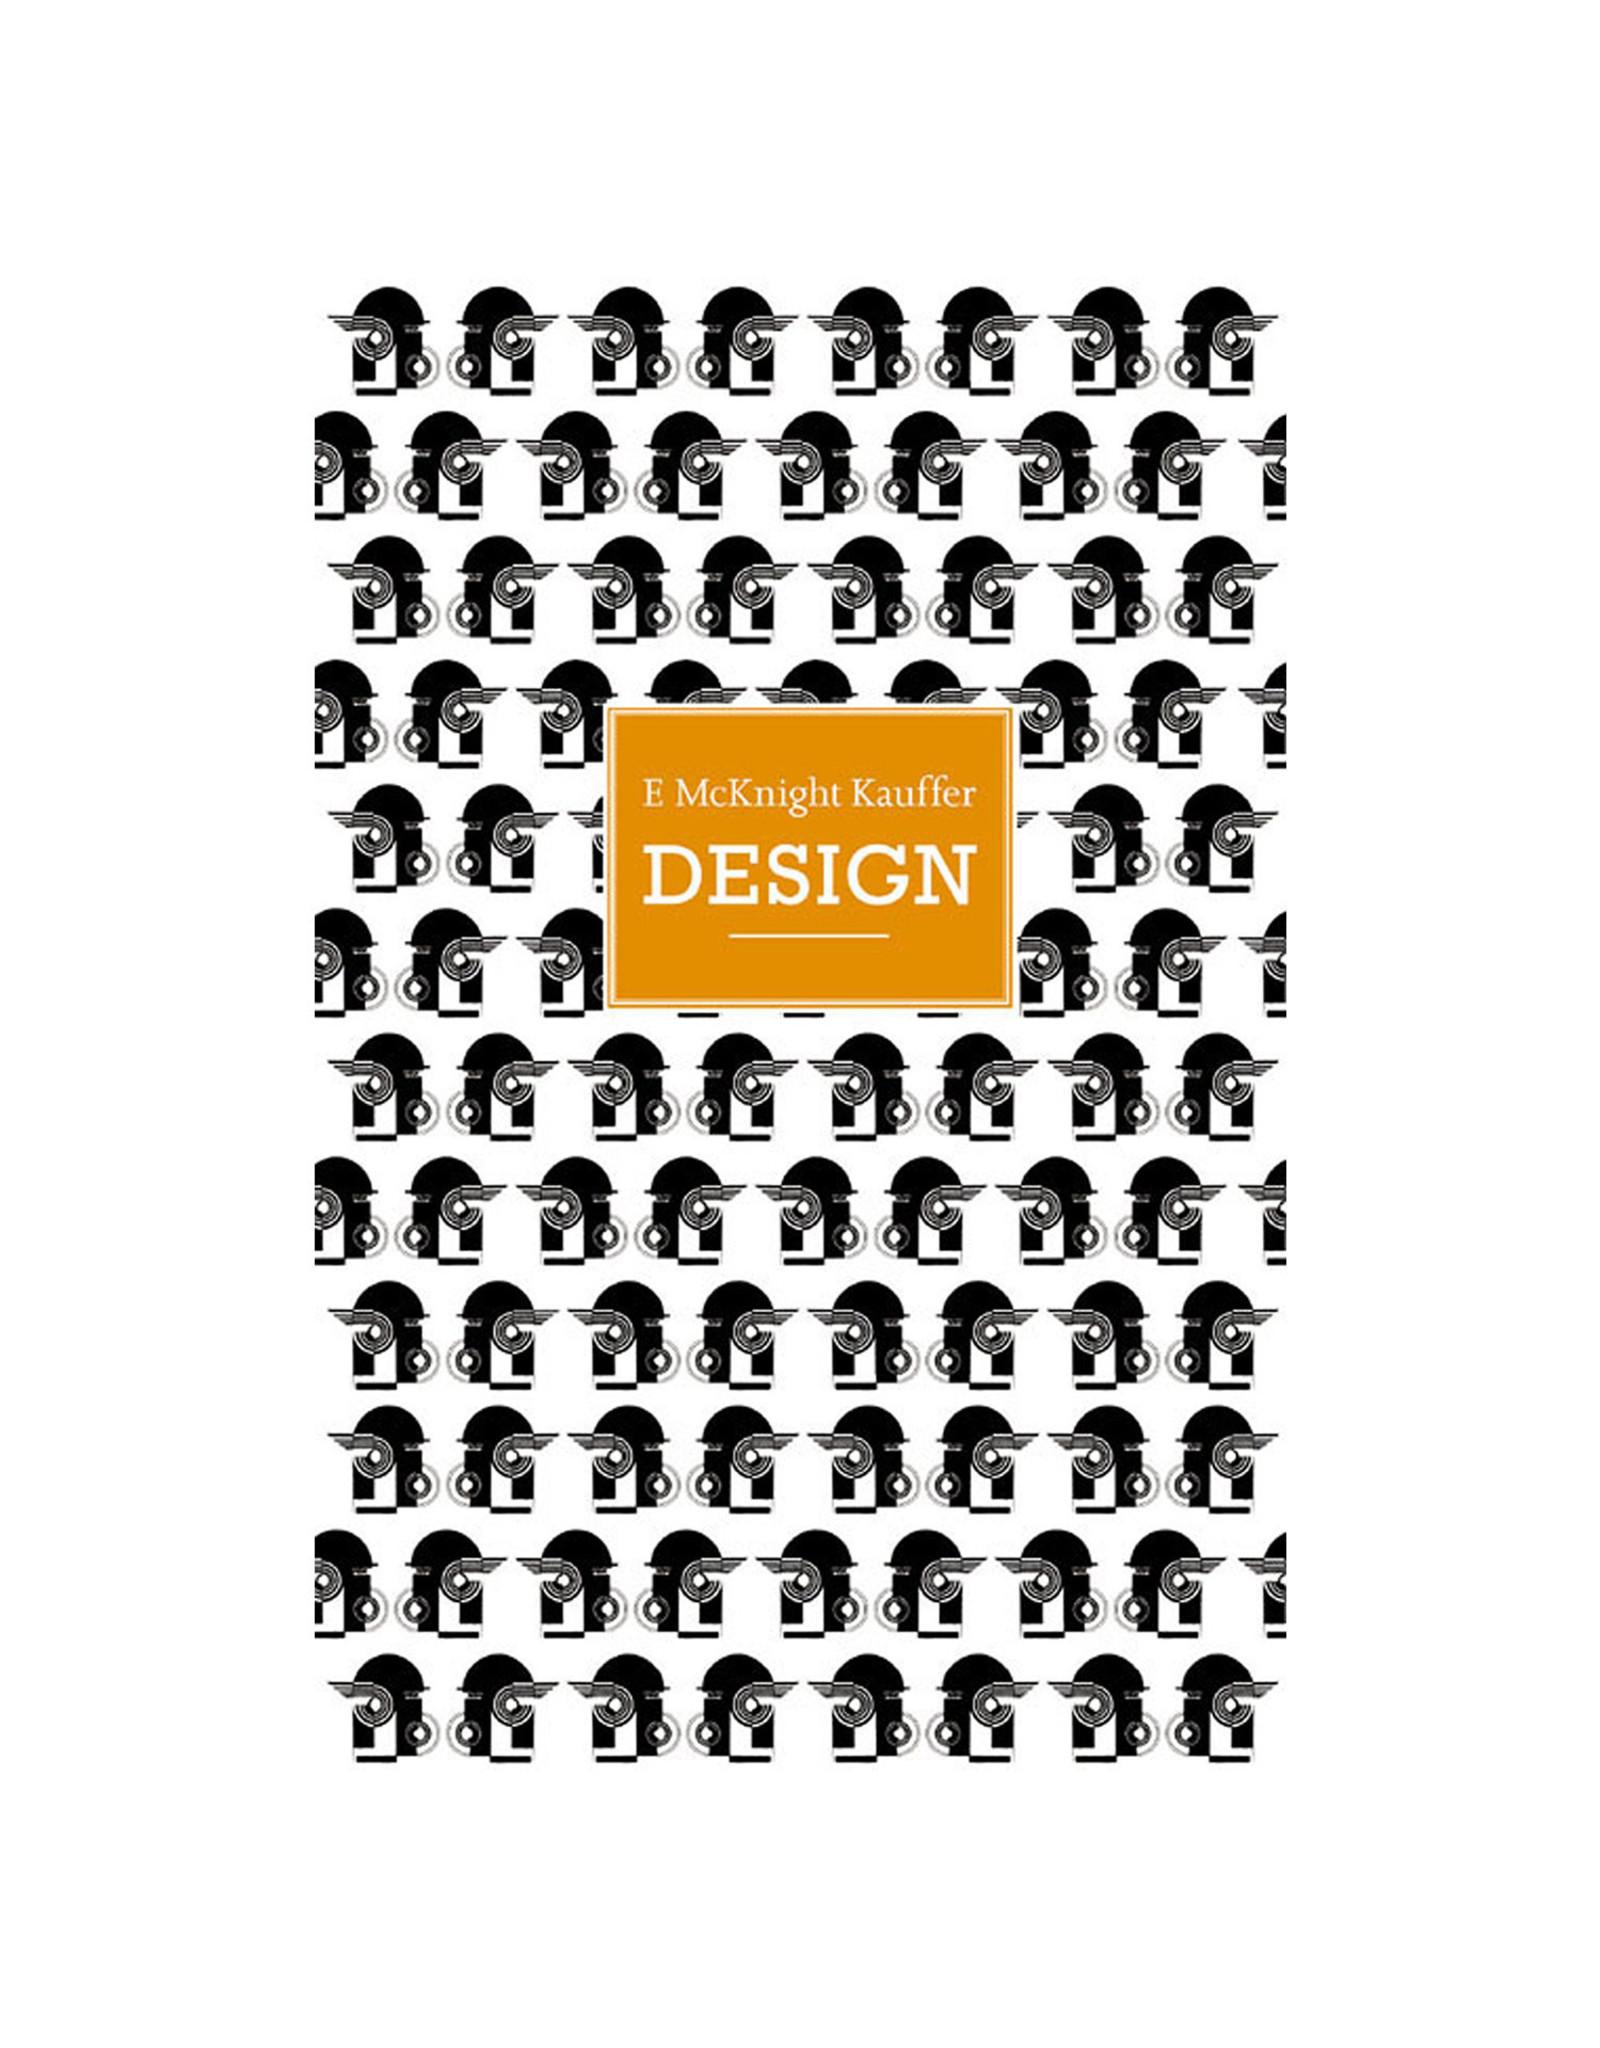 Design: E. McKnight Kauffer